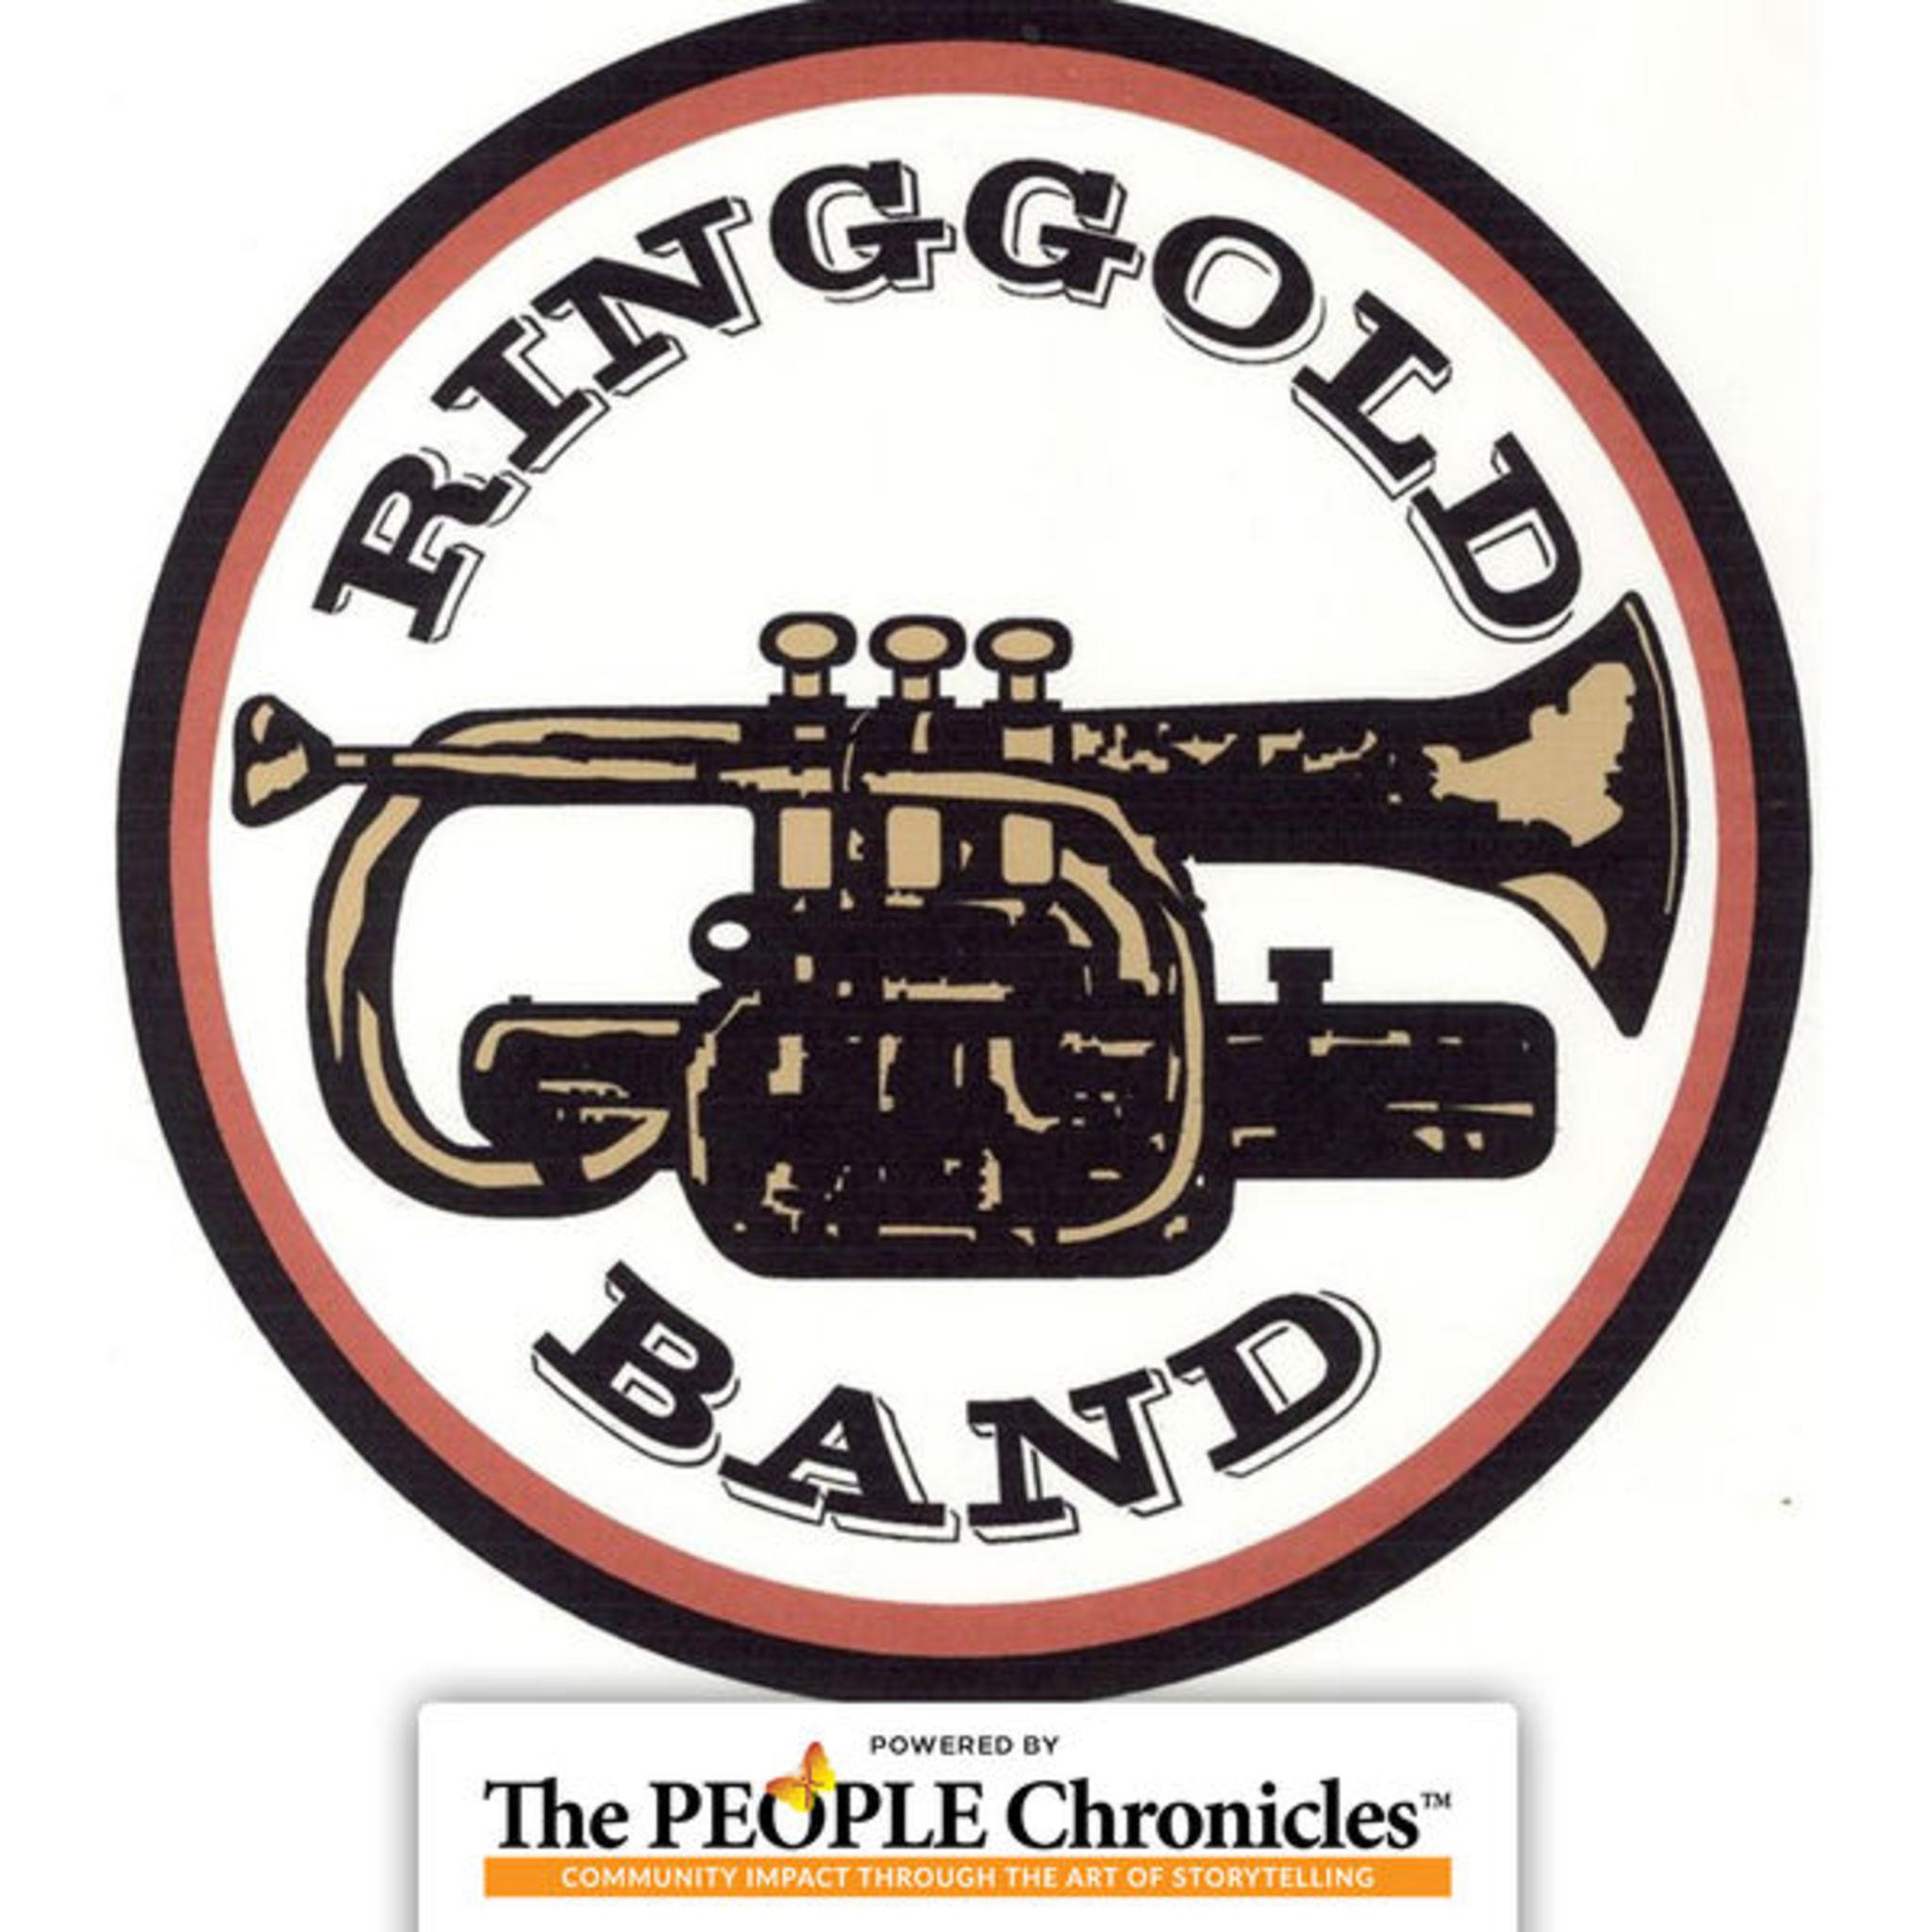 Ringgold Band